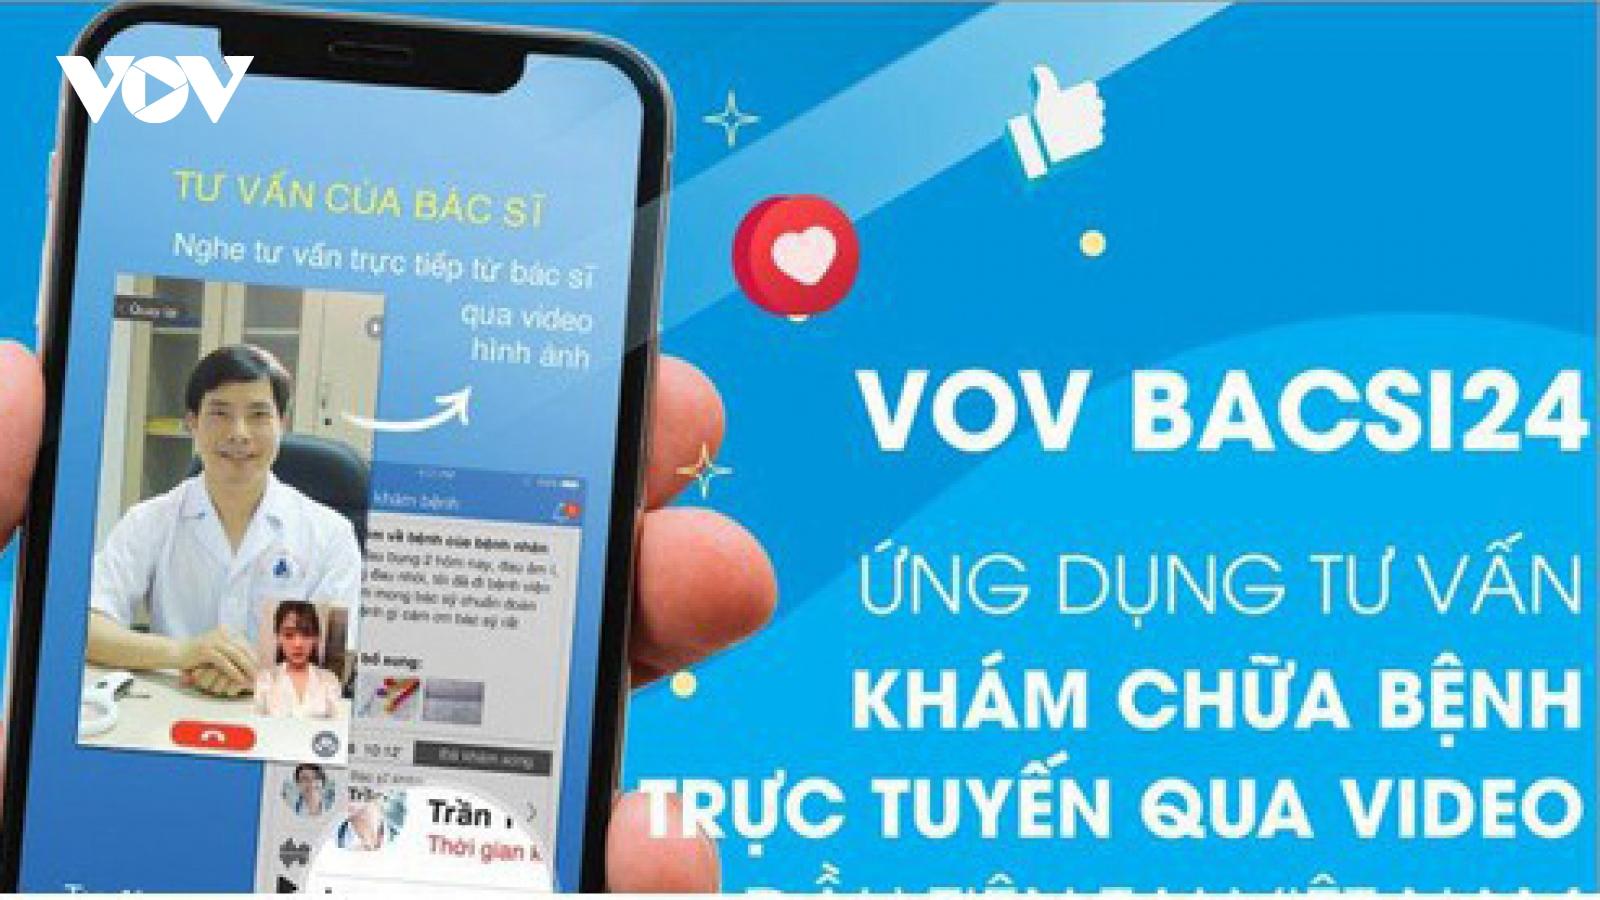 VOV Bacsi24 đồng hành cùng cả nước trong trạng thái bình thường mới